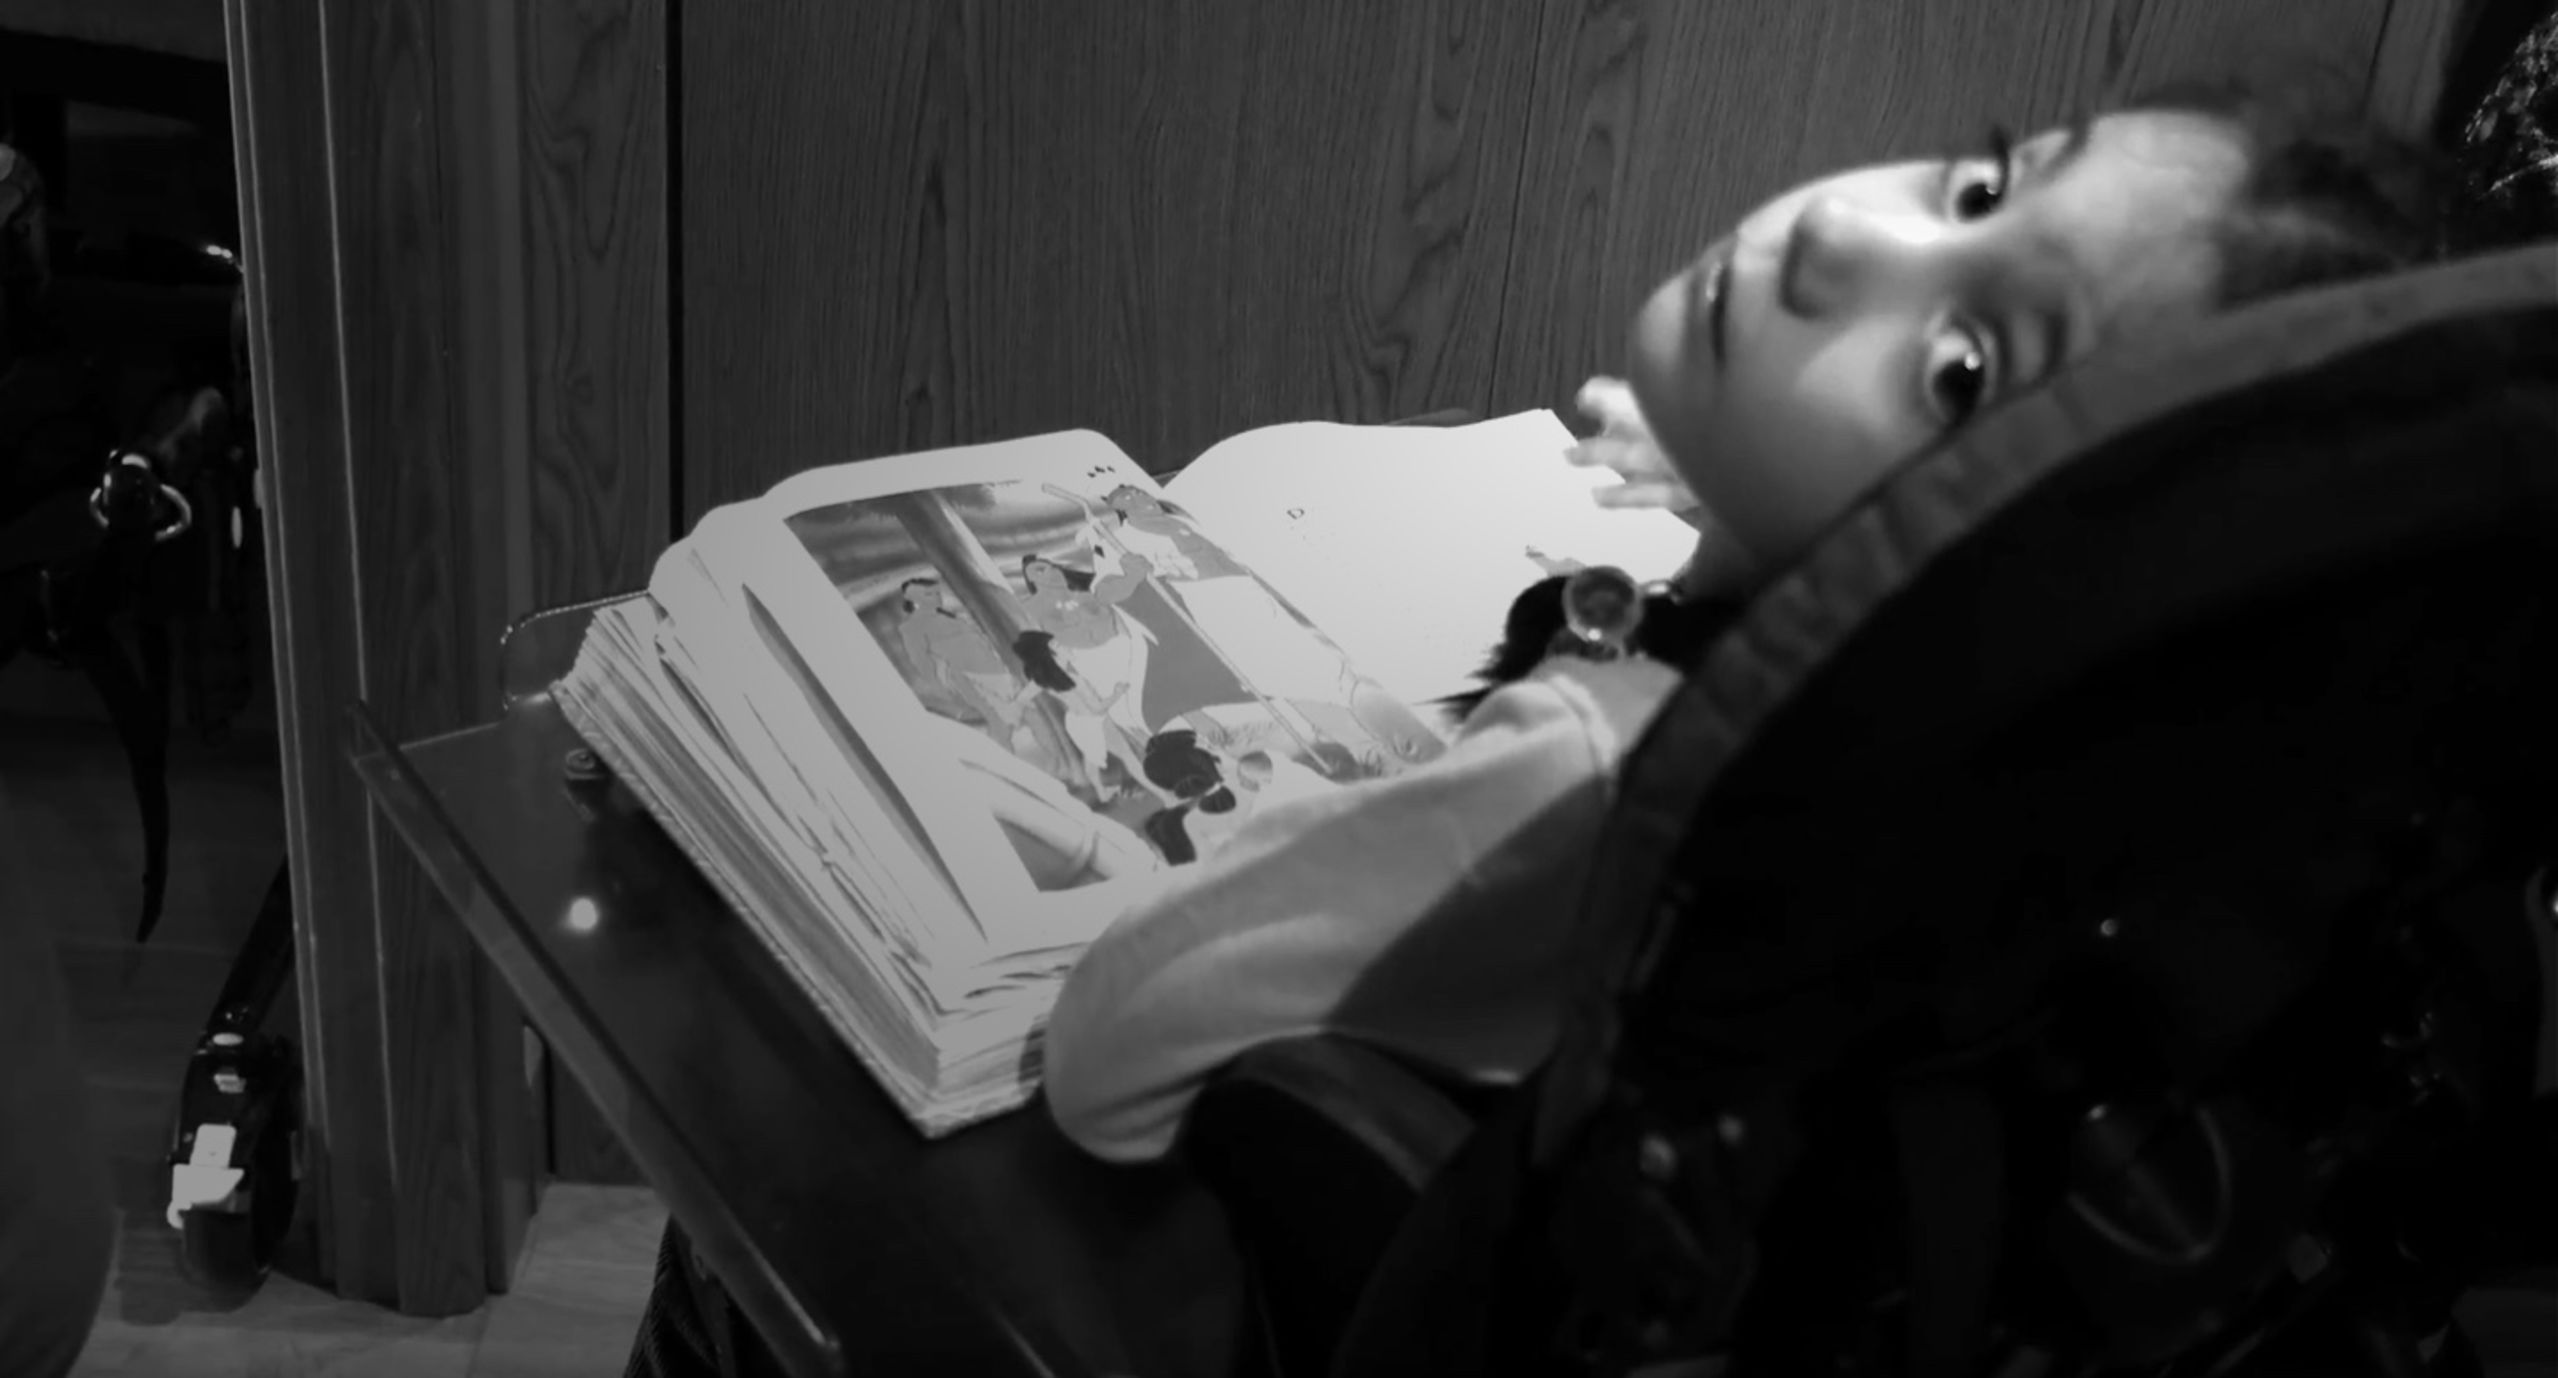 Dulce en su silla de ruedas, con un libro, mirando directamente a la cámara